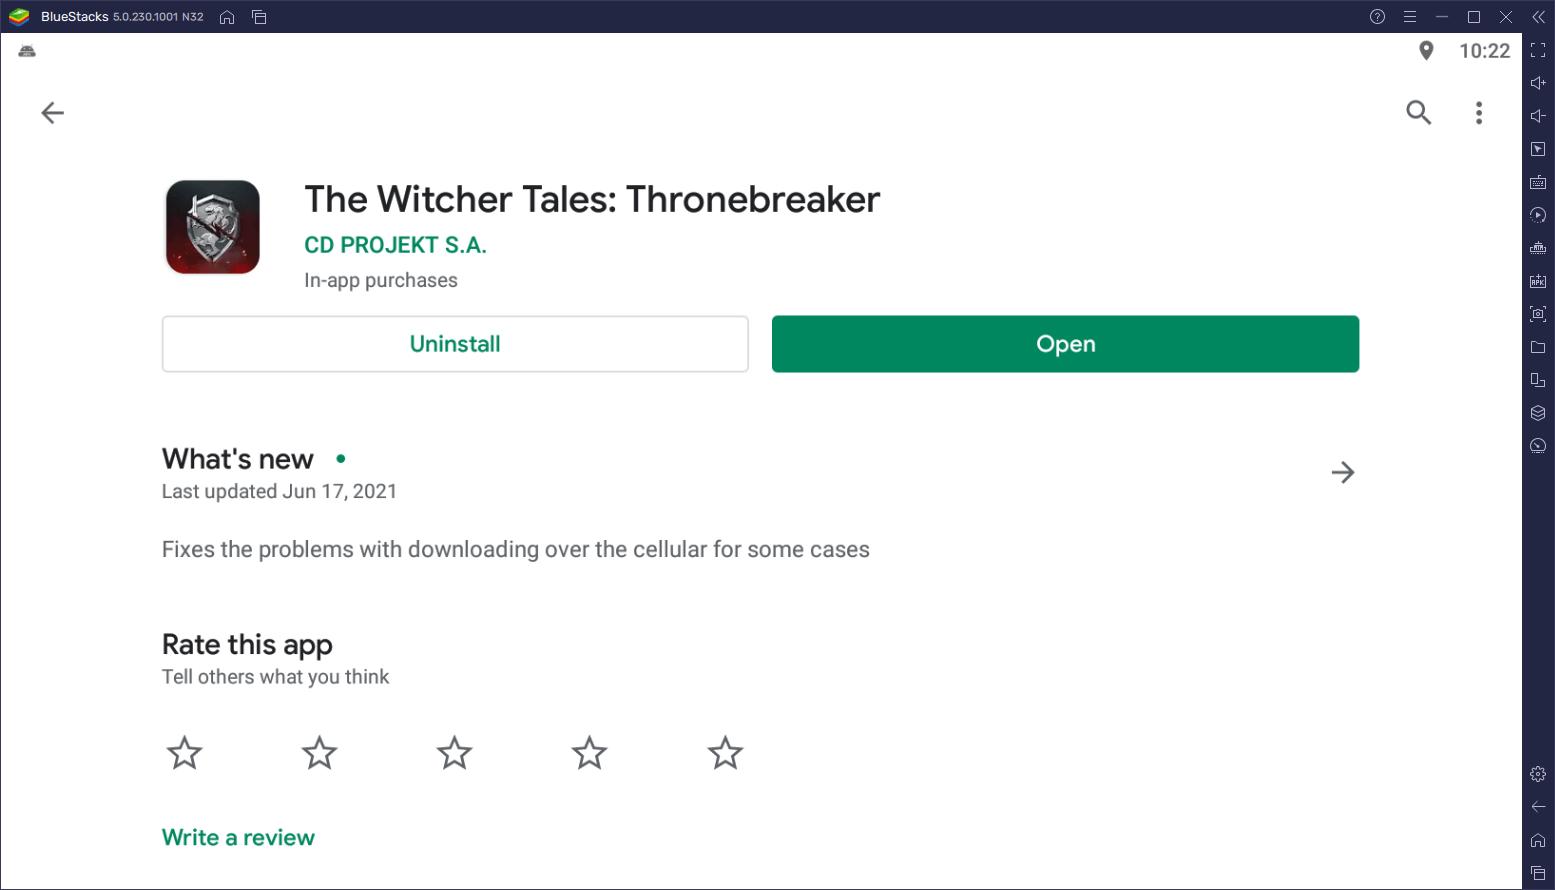 كيف تلعب لعبة The Witcher Tales: Thronebreaker على جهاز الكمبيوتر مجانًا